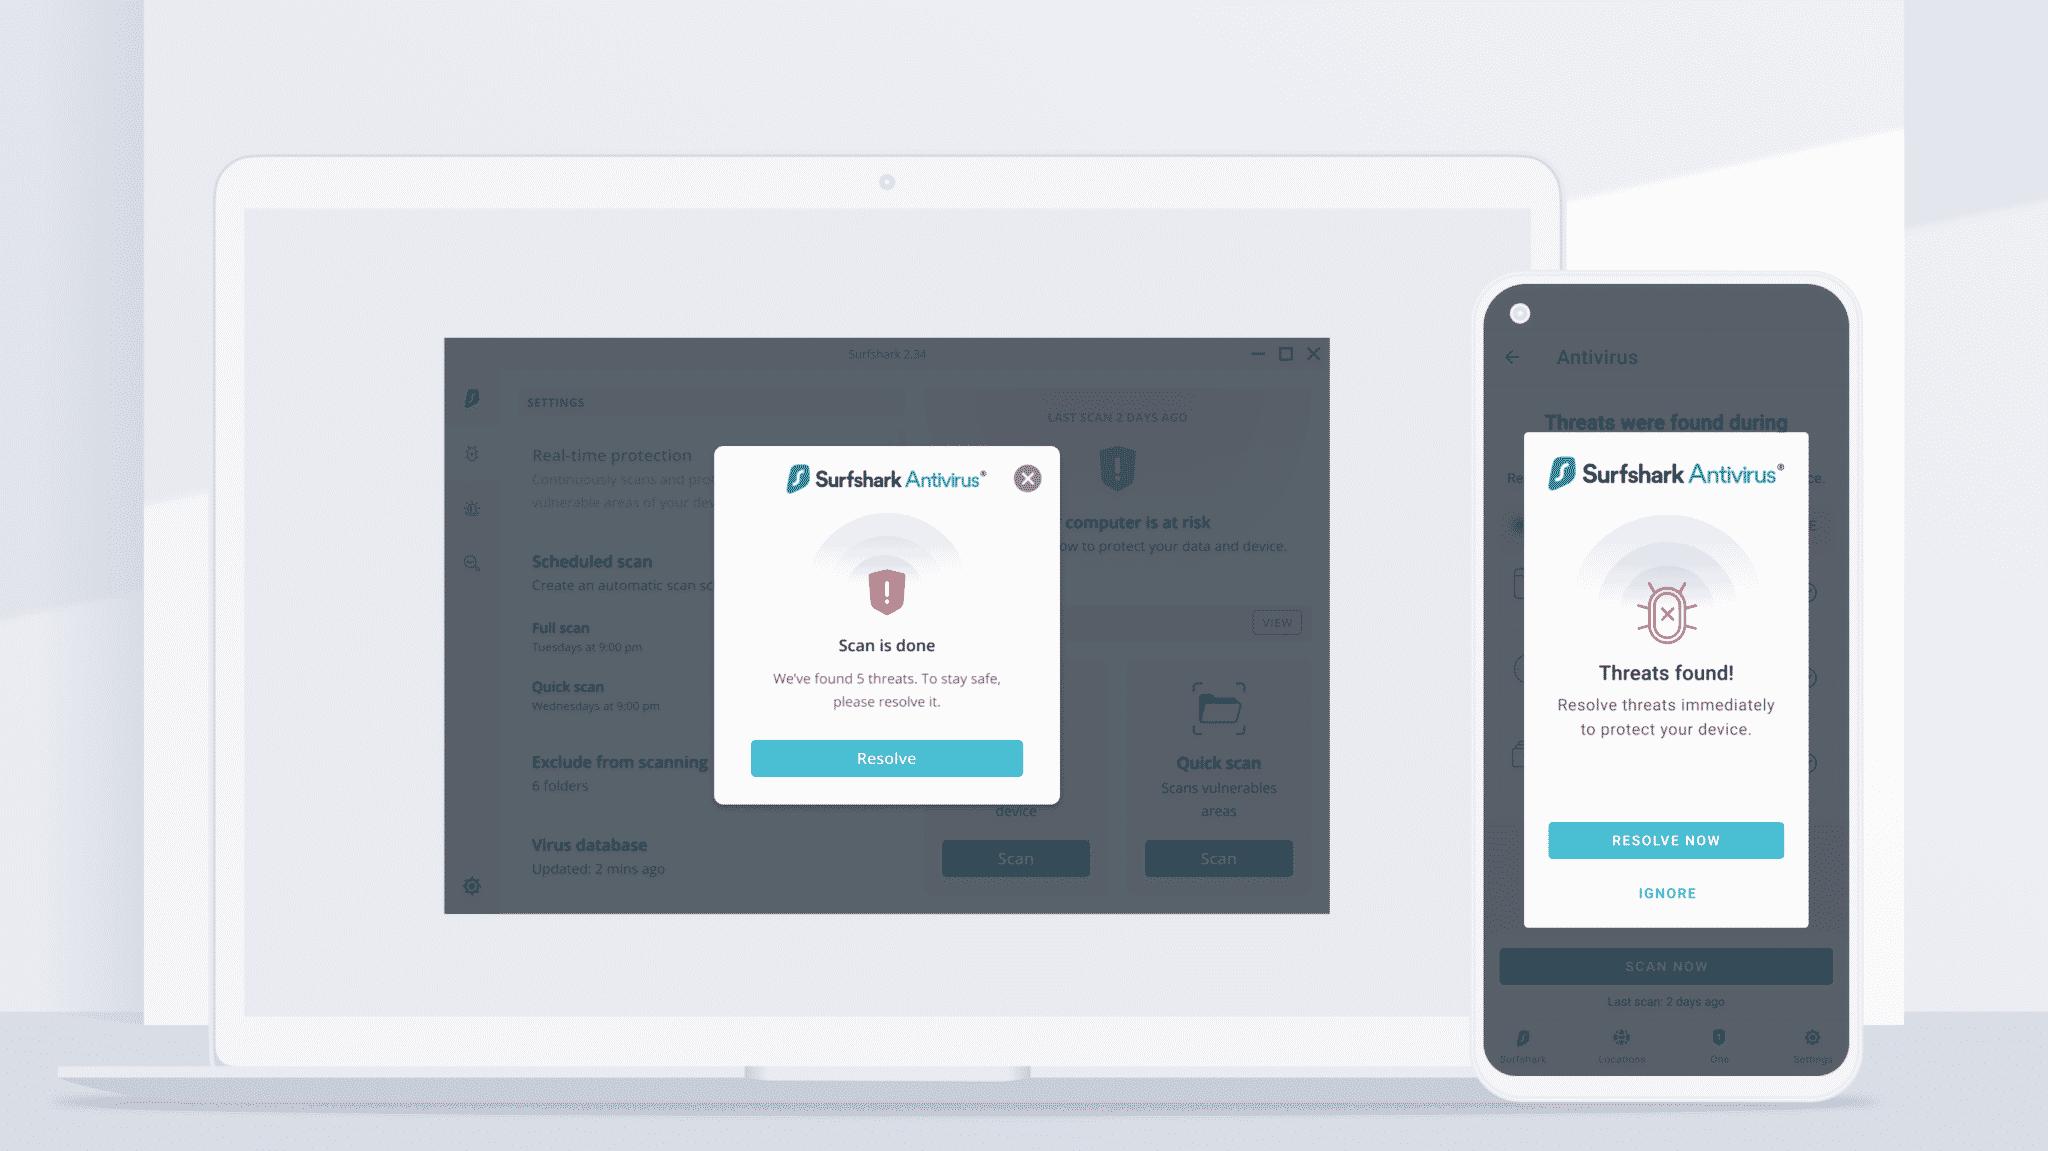 Surfshark Antivirus Android